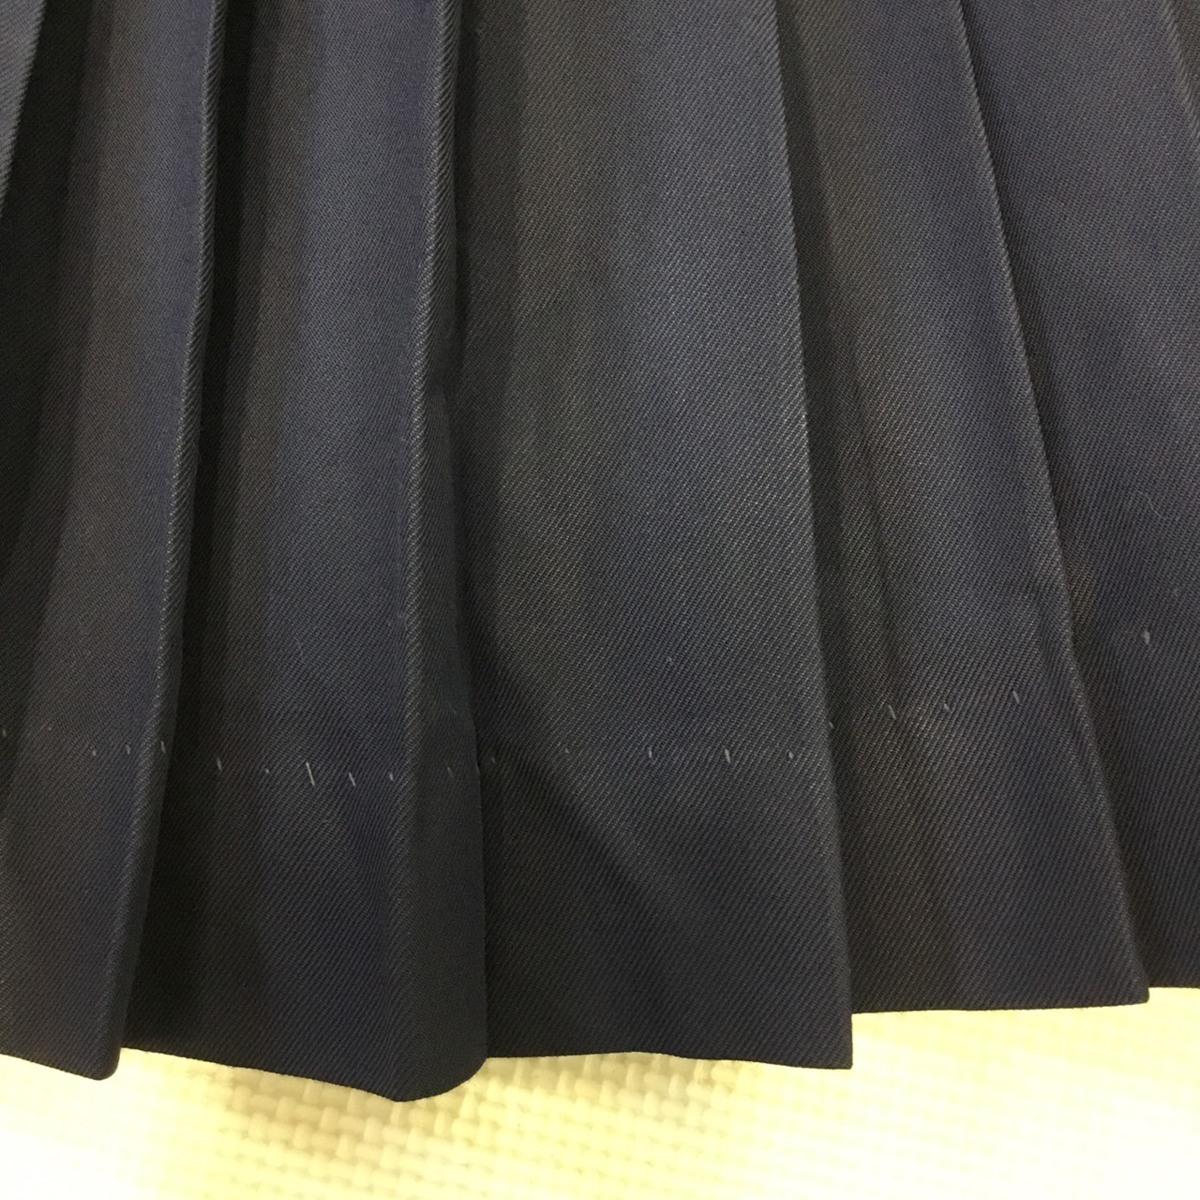 K278 (中古) 学生服 10枚セット /M/160/170/W62/W63/W66/半袖/長袖/ブラウス/ブレザー/スカート/制服/中学校/高校/女子学生/学生/学生服_画像9